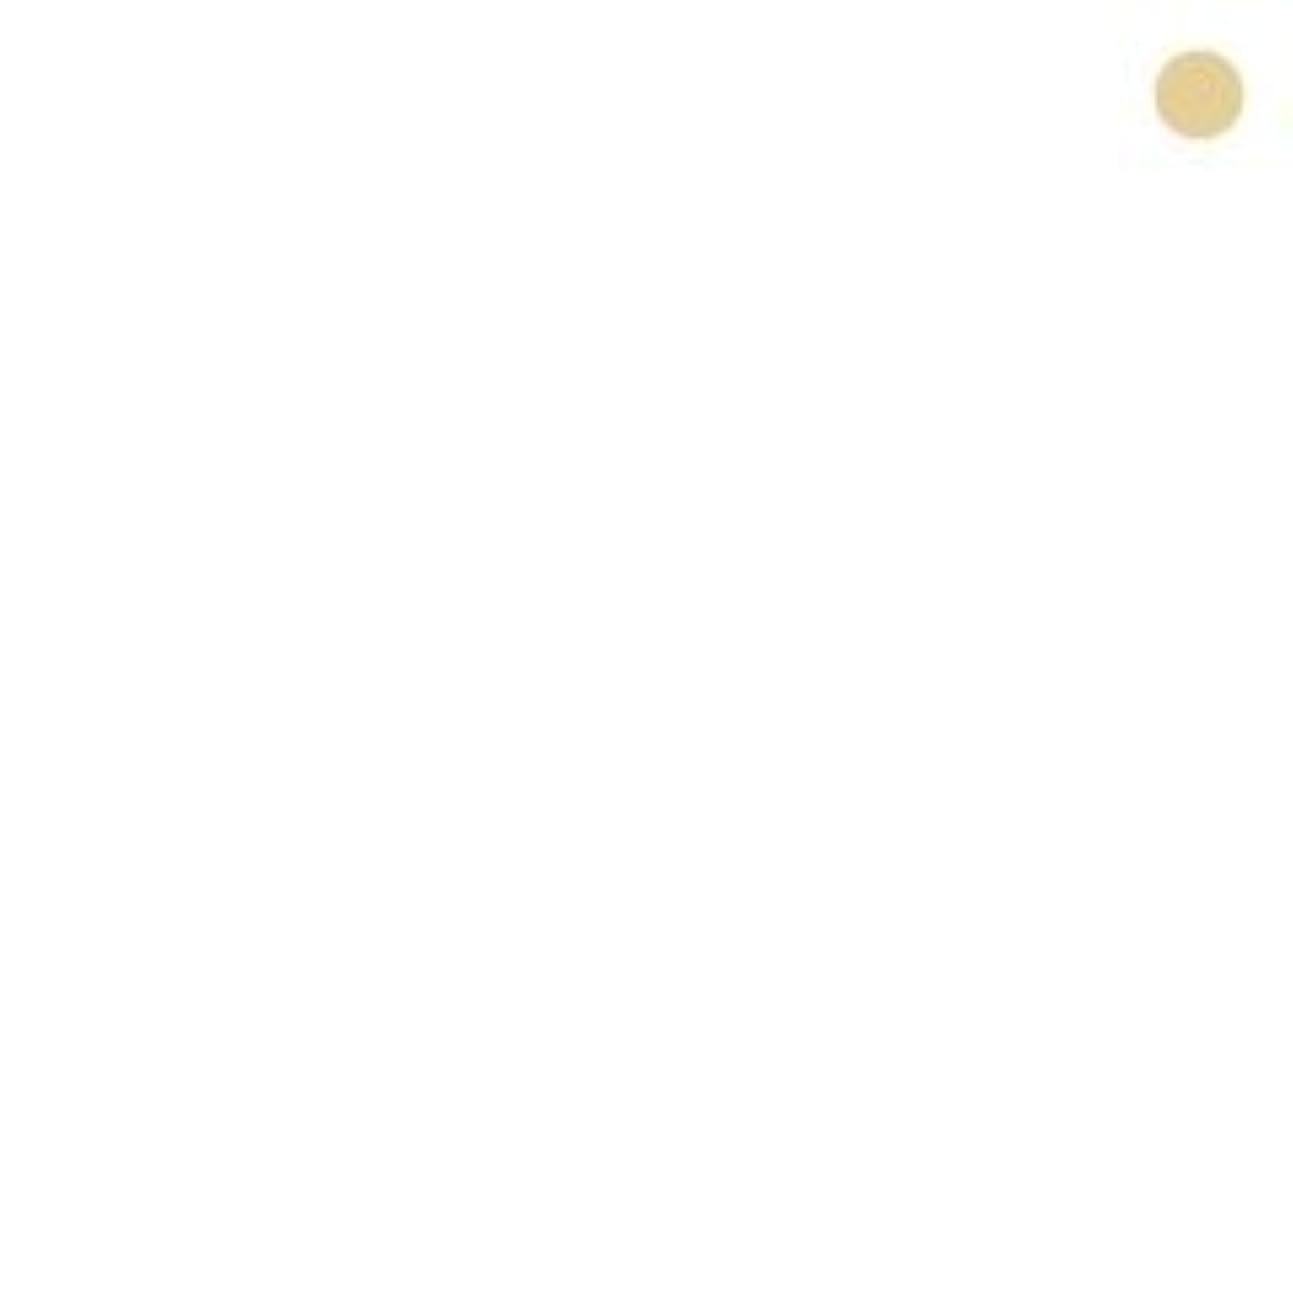 メジャー容疑者コンセンサス【カバーマーク】ジャスミーカラー パウダリーファンデーション #BP20 (レフィル)